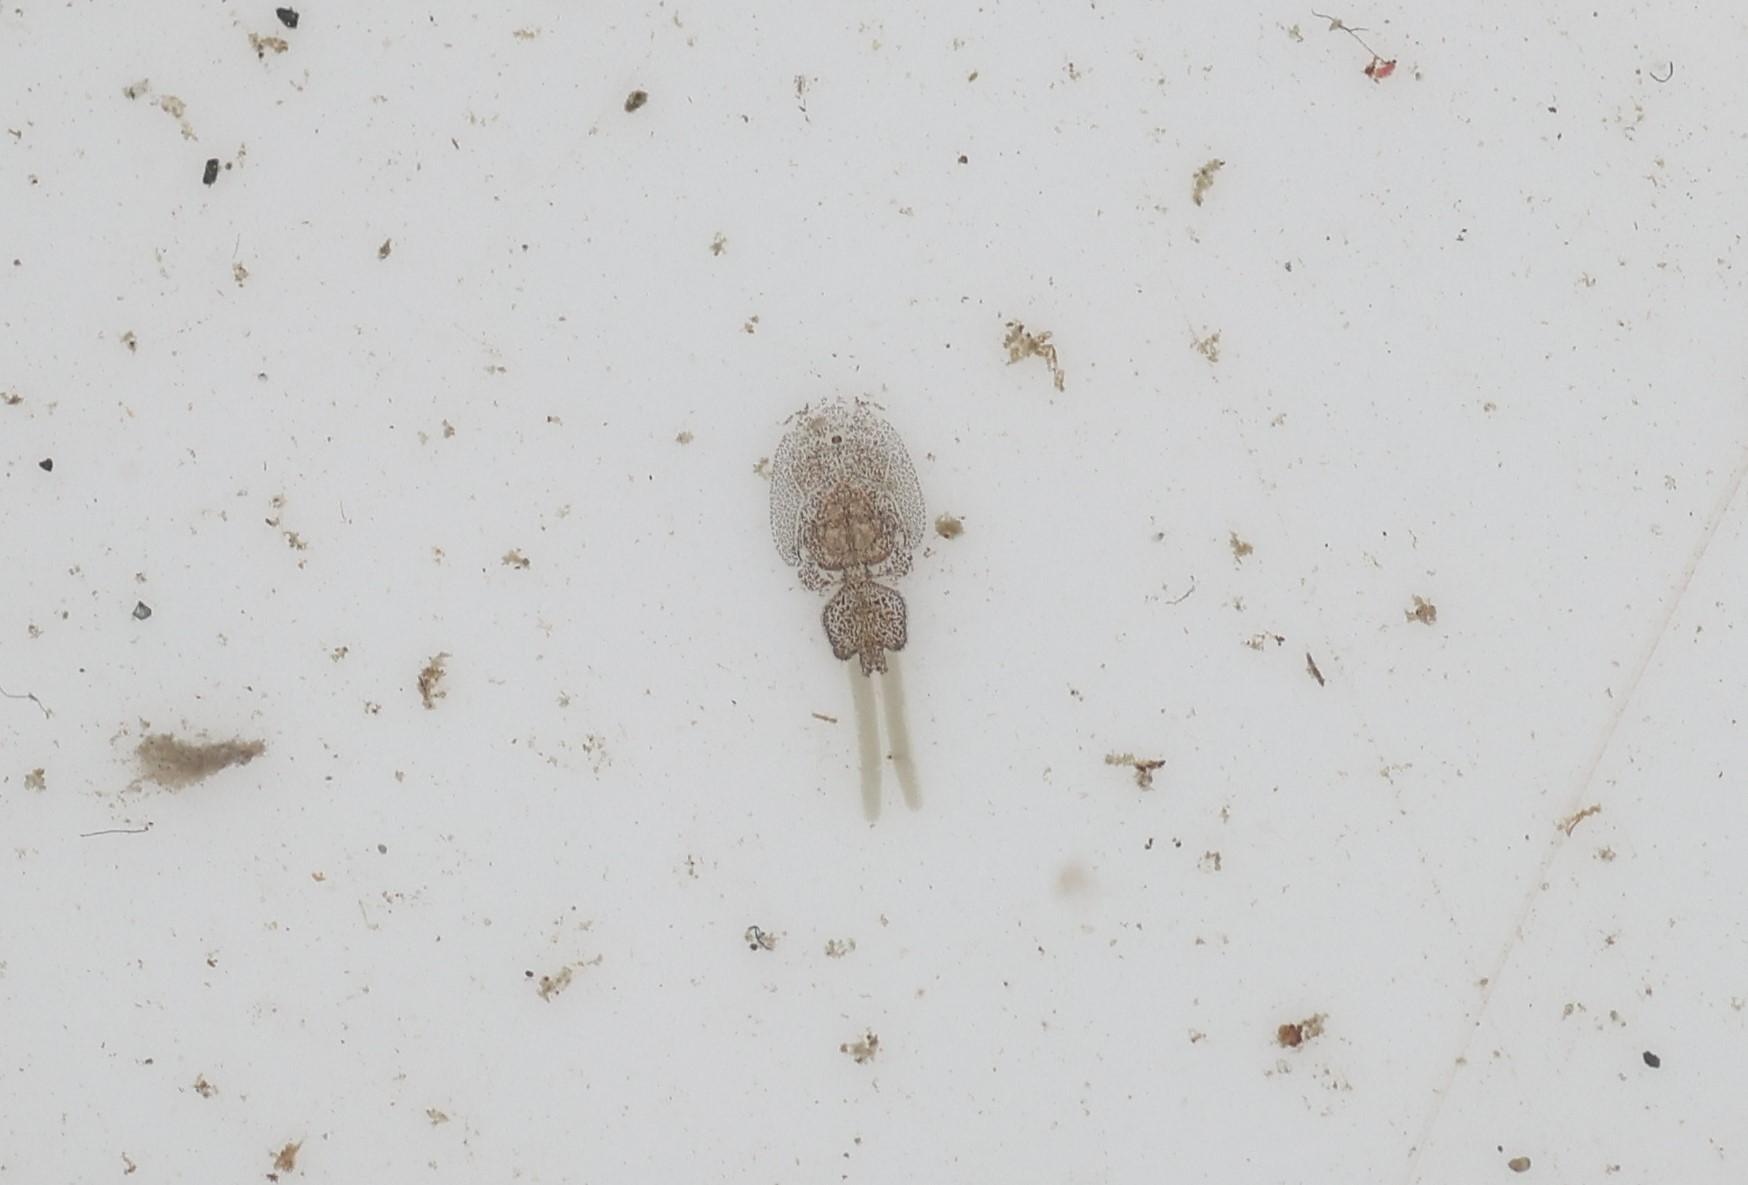 5月17日の水生生物調査_e0046474_16401778.jpg